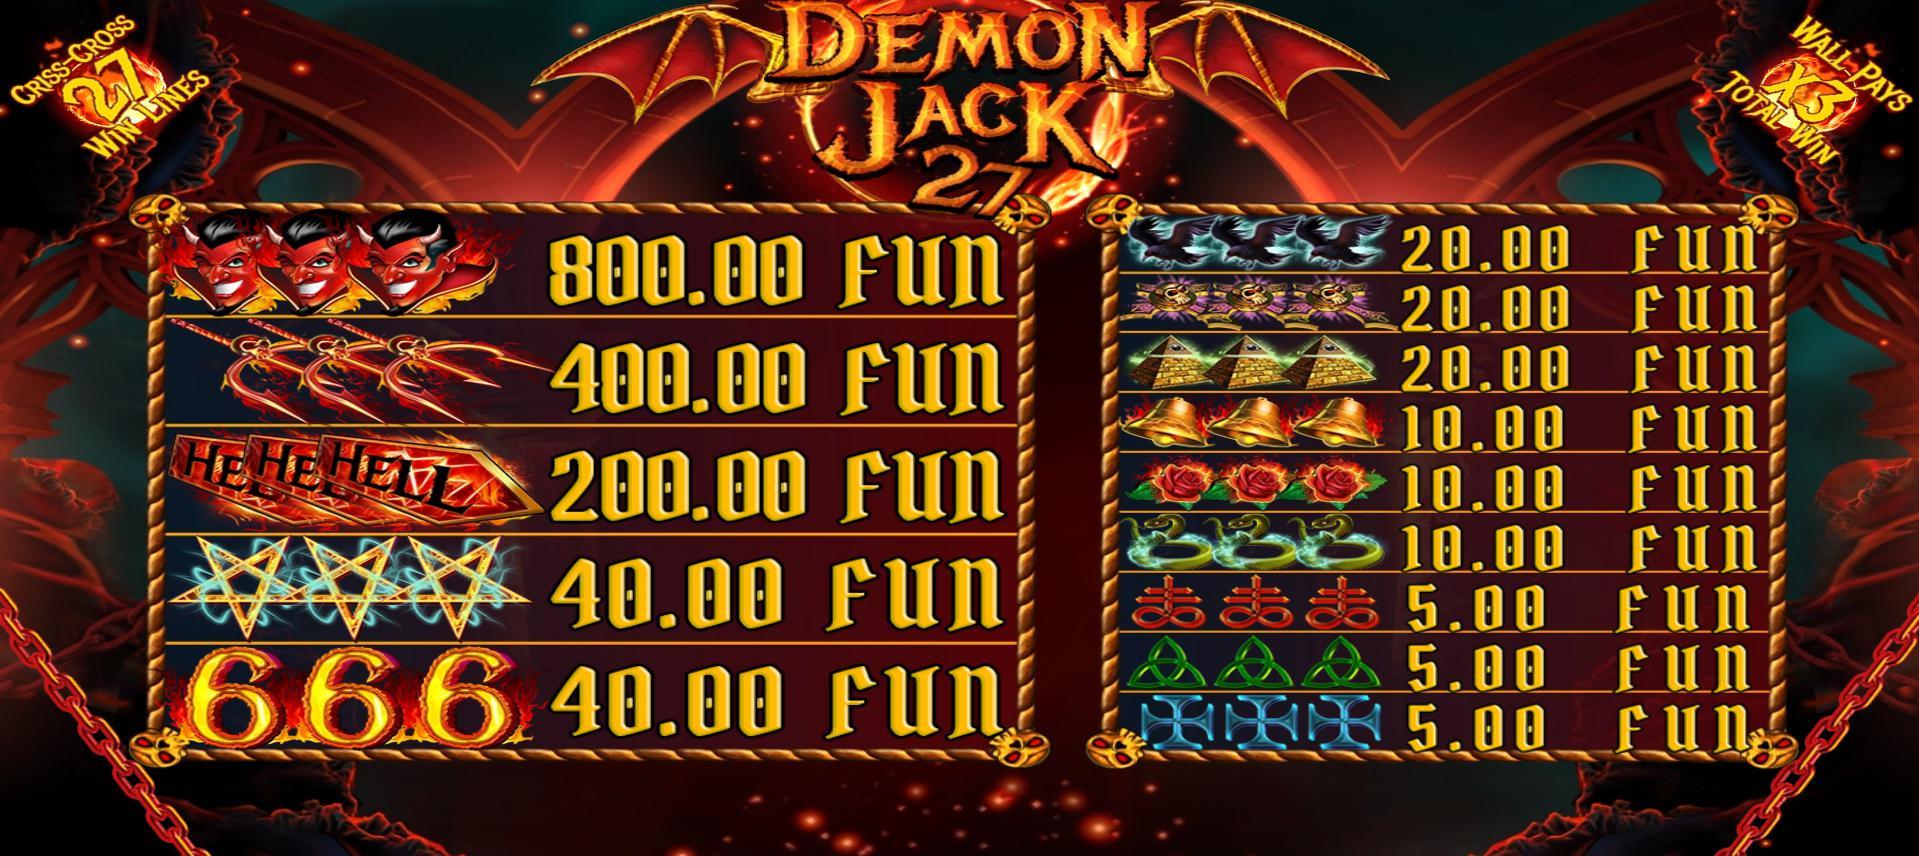 รีวิวเกมสล็อต demon jack 27